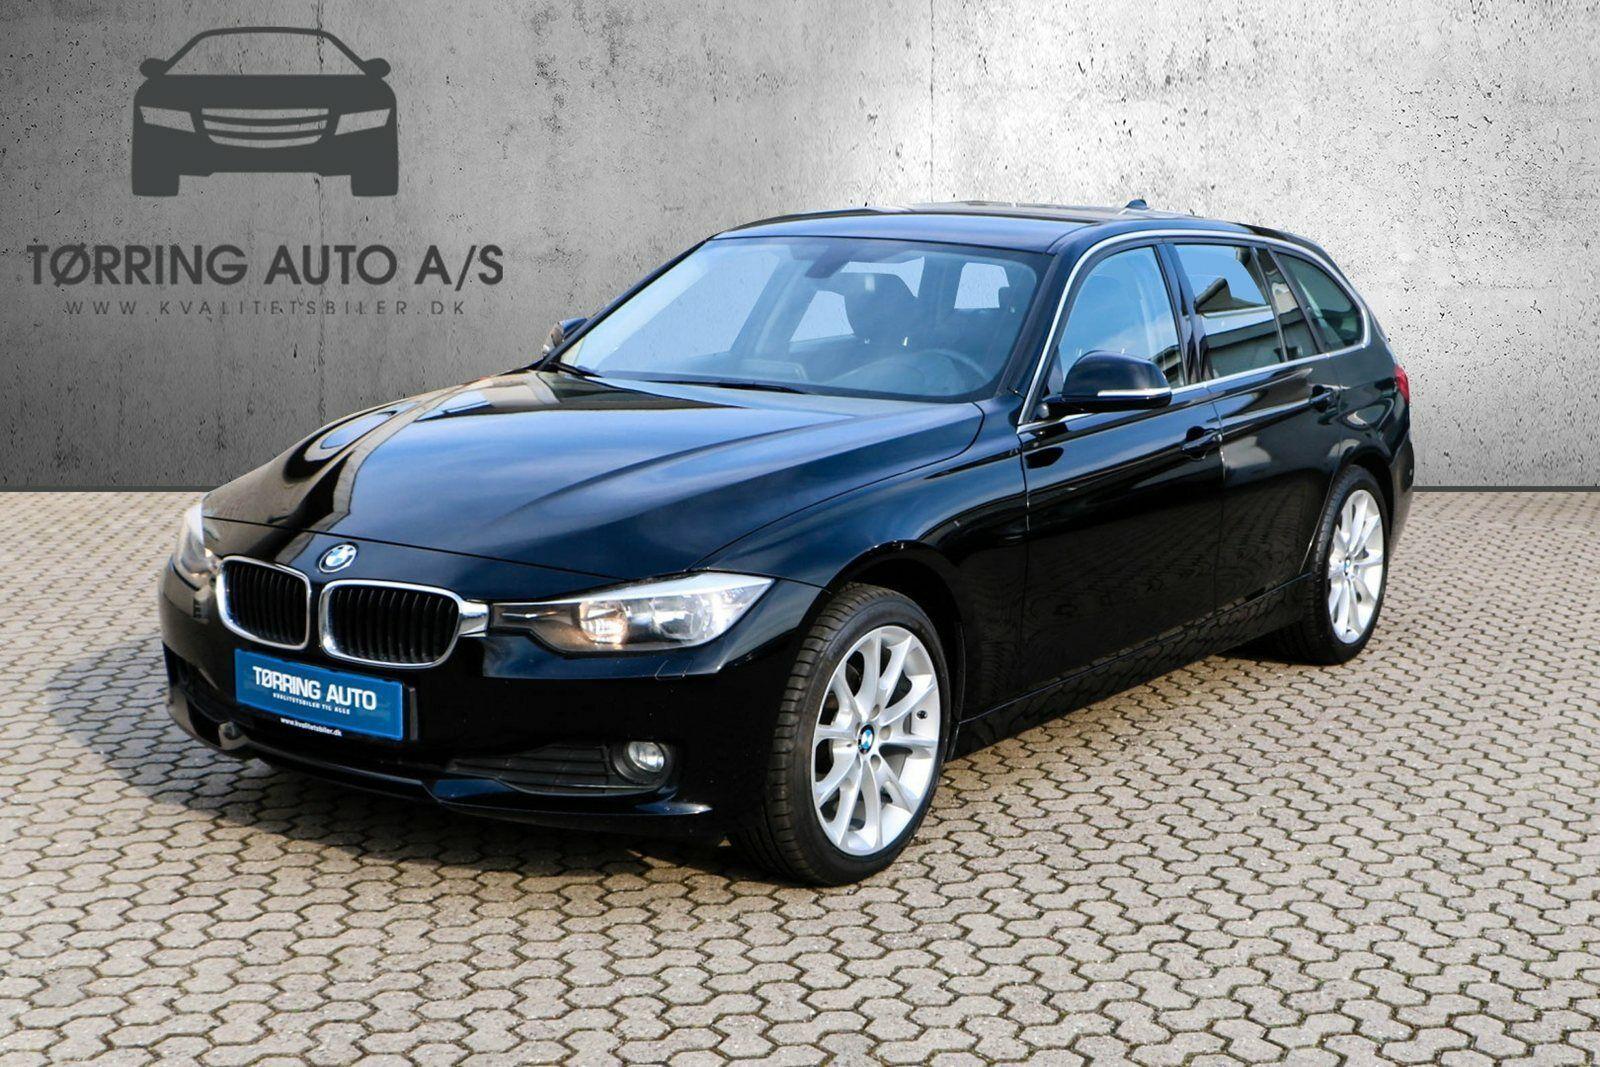 BMW 320d 2,0 Touring 5d - 174.900 kr.